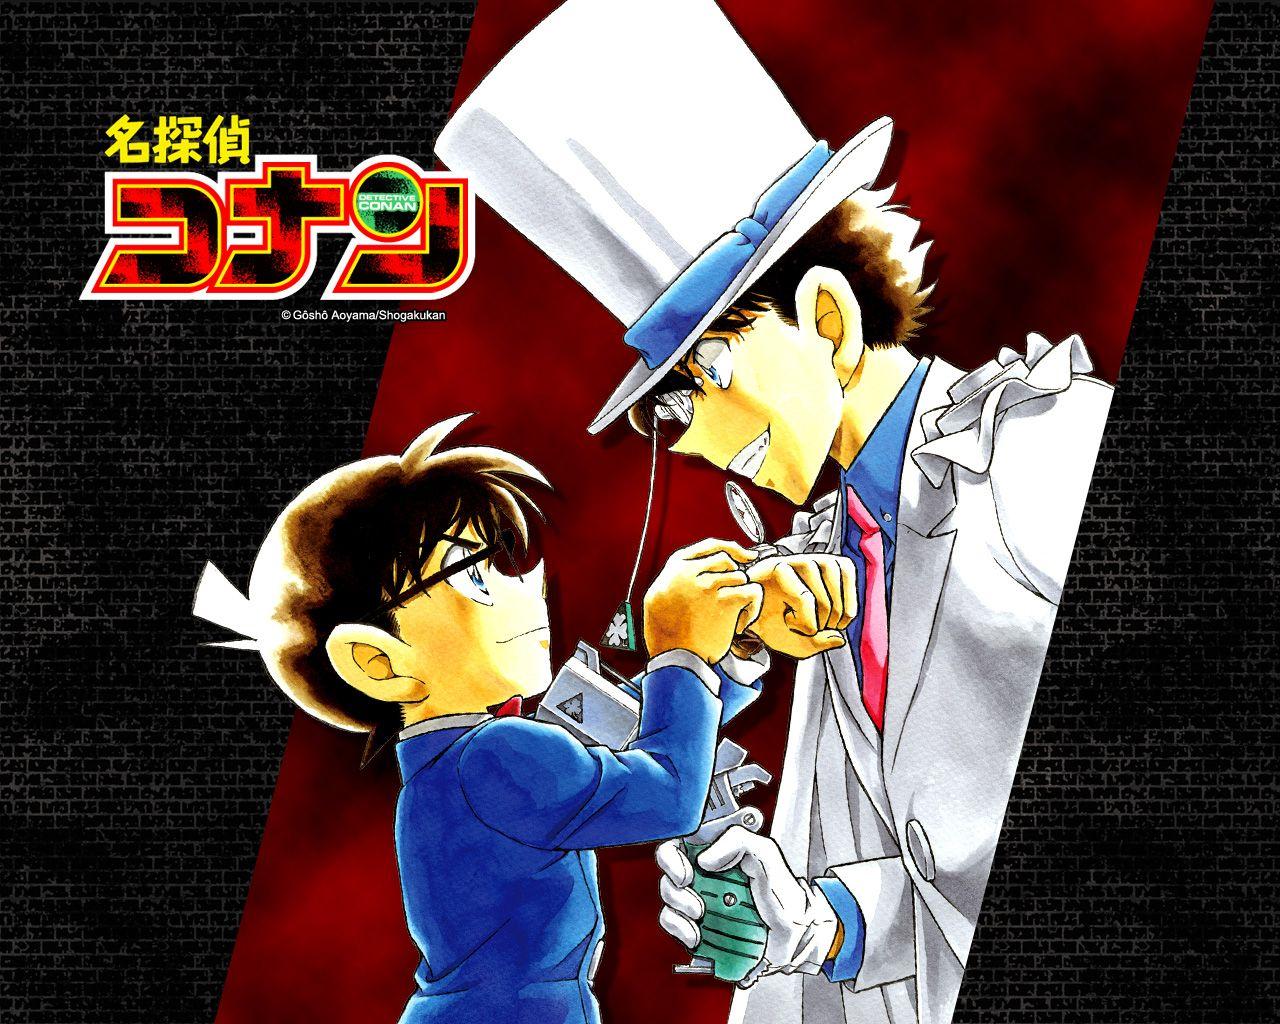 まじっく快斗, 怪盗キッド(Phantom Thief Kid)&名探偵コナン ...